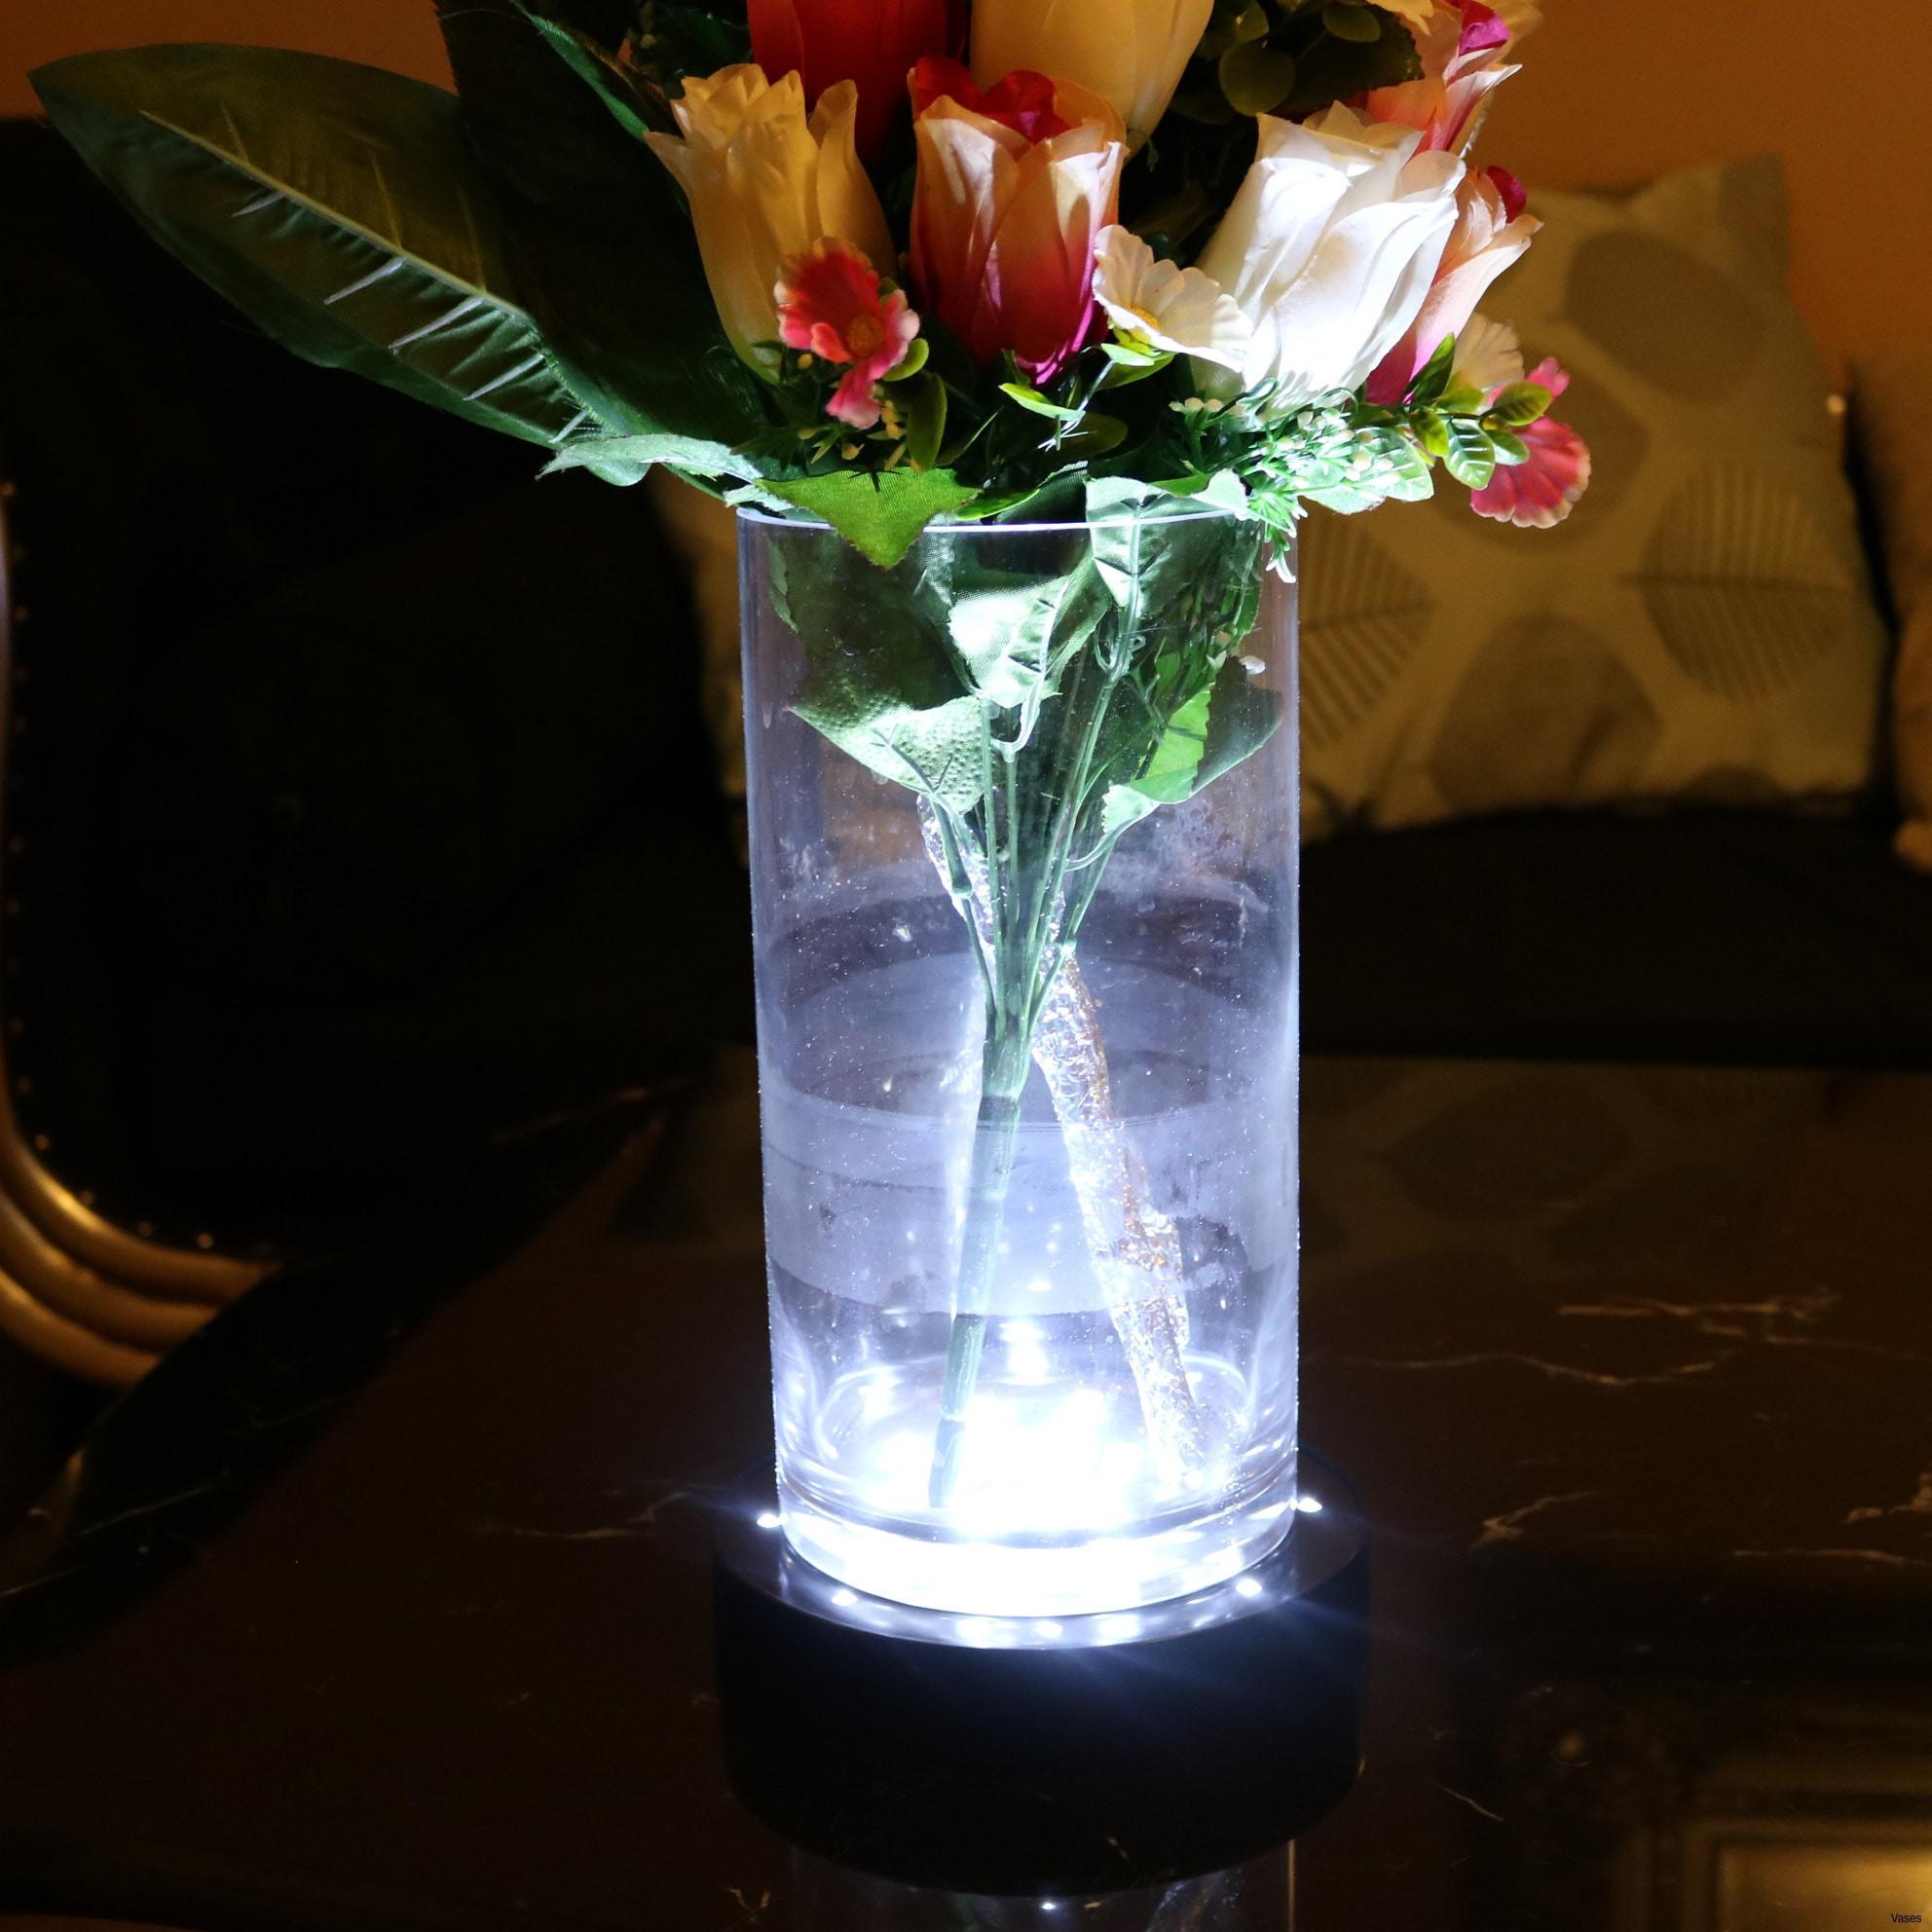 handmade flower vase of 11 inspirational cheap blue vases bogekompresorturkiye com with regard to blue and white rectangular planter best vases disposable plastic single cheap flower rose vasei 0d